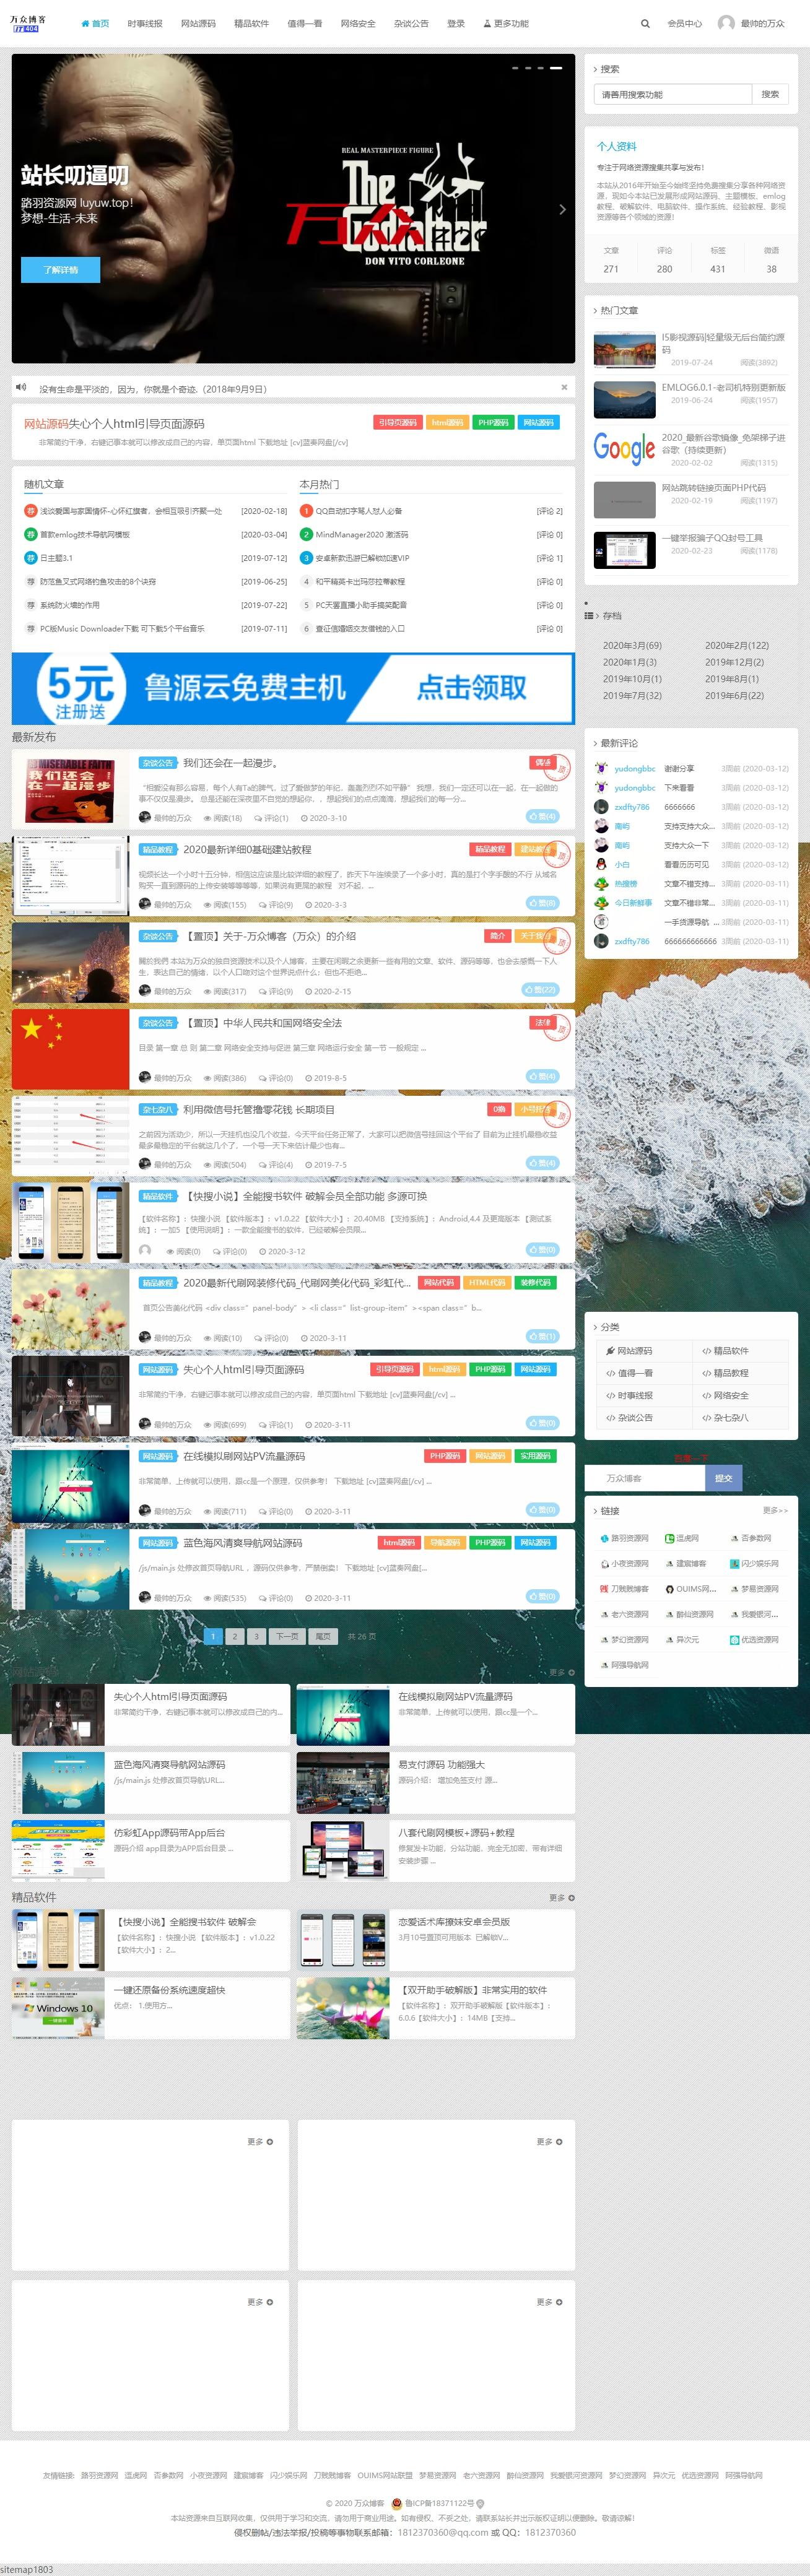 最新万众博客全站数据emlog整站资源+254文章数据+已解密文件